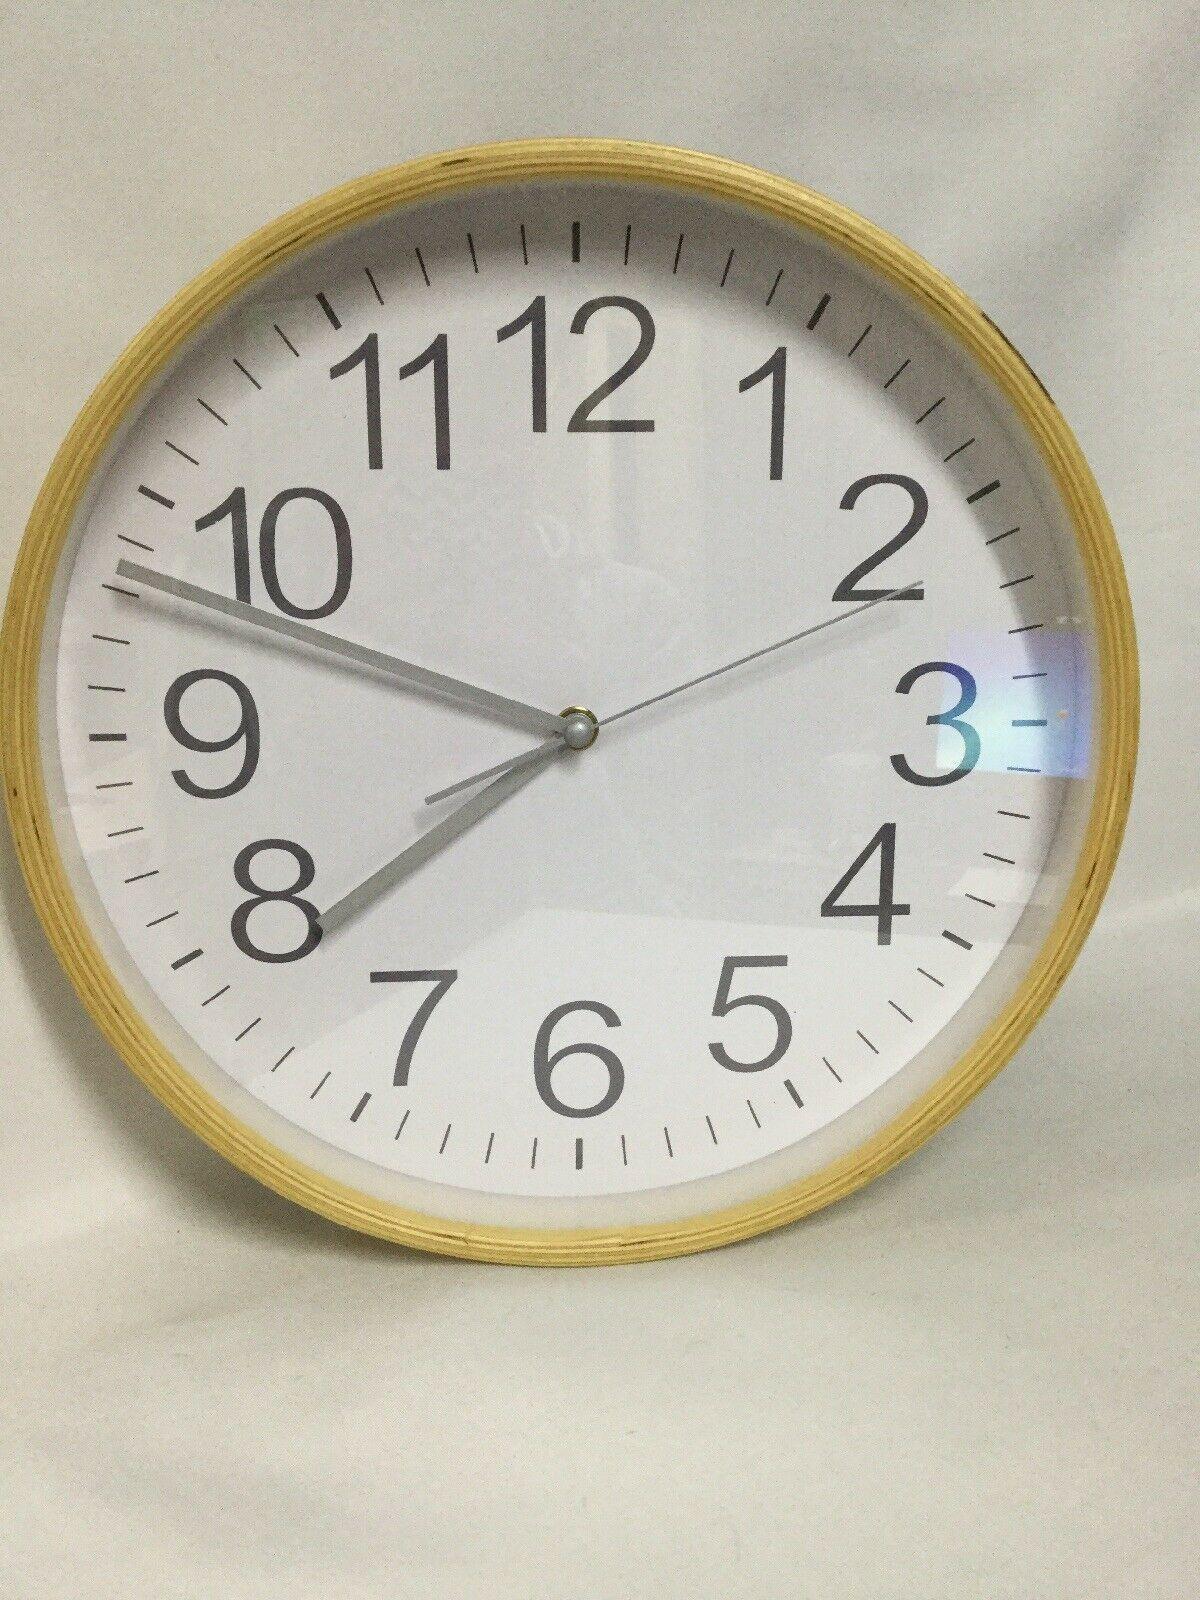 Home Wall Clock Light Wood Decor Silent Non Ticking 11 Wood Clock Ideas Of Wood Clock Woodclock Clock Home Wall Clock Light W Wood Clocks Wall Clock Light Clock